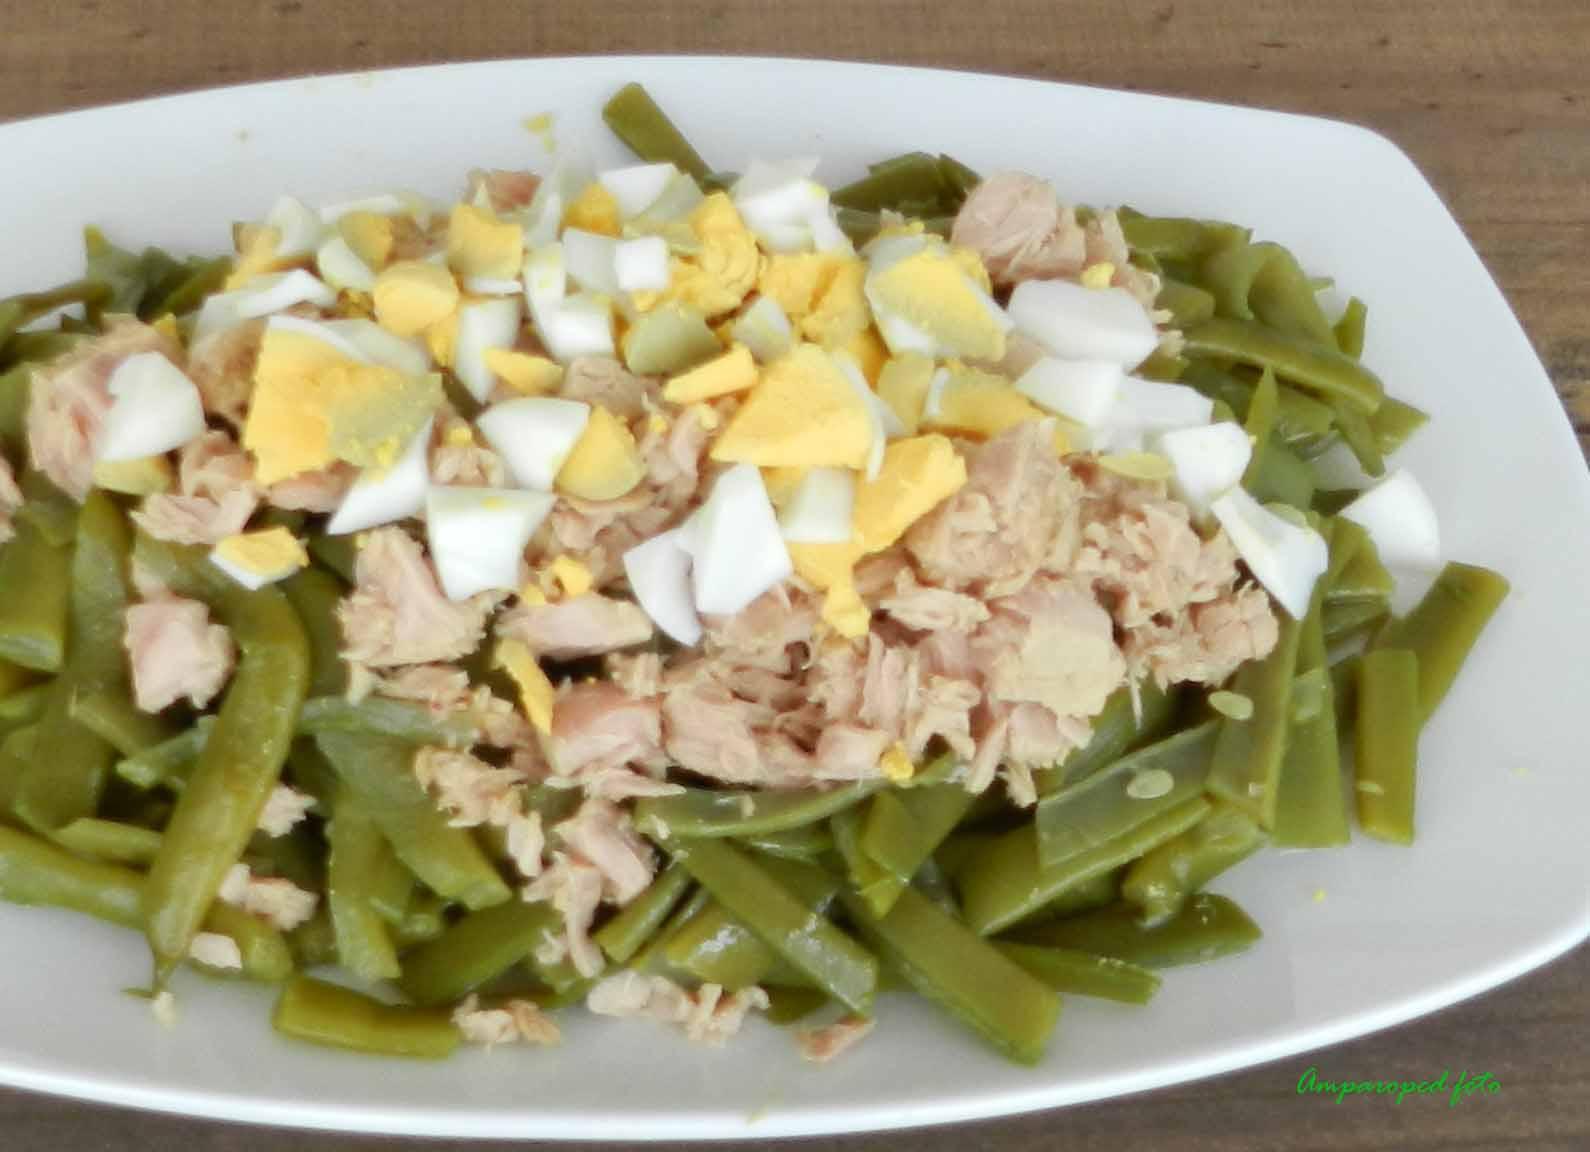 Cocinando en casa ensalada de jud as verdes - Ensalada de judias verdes arguinano ...